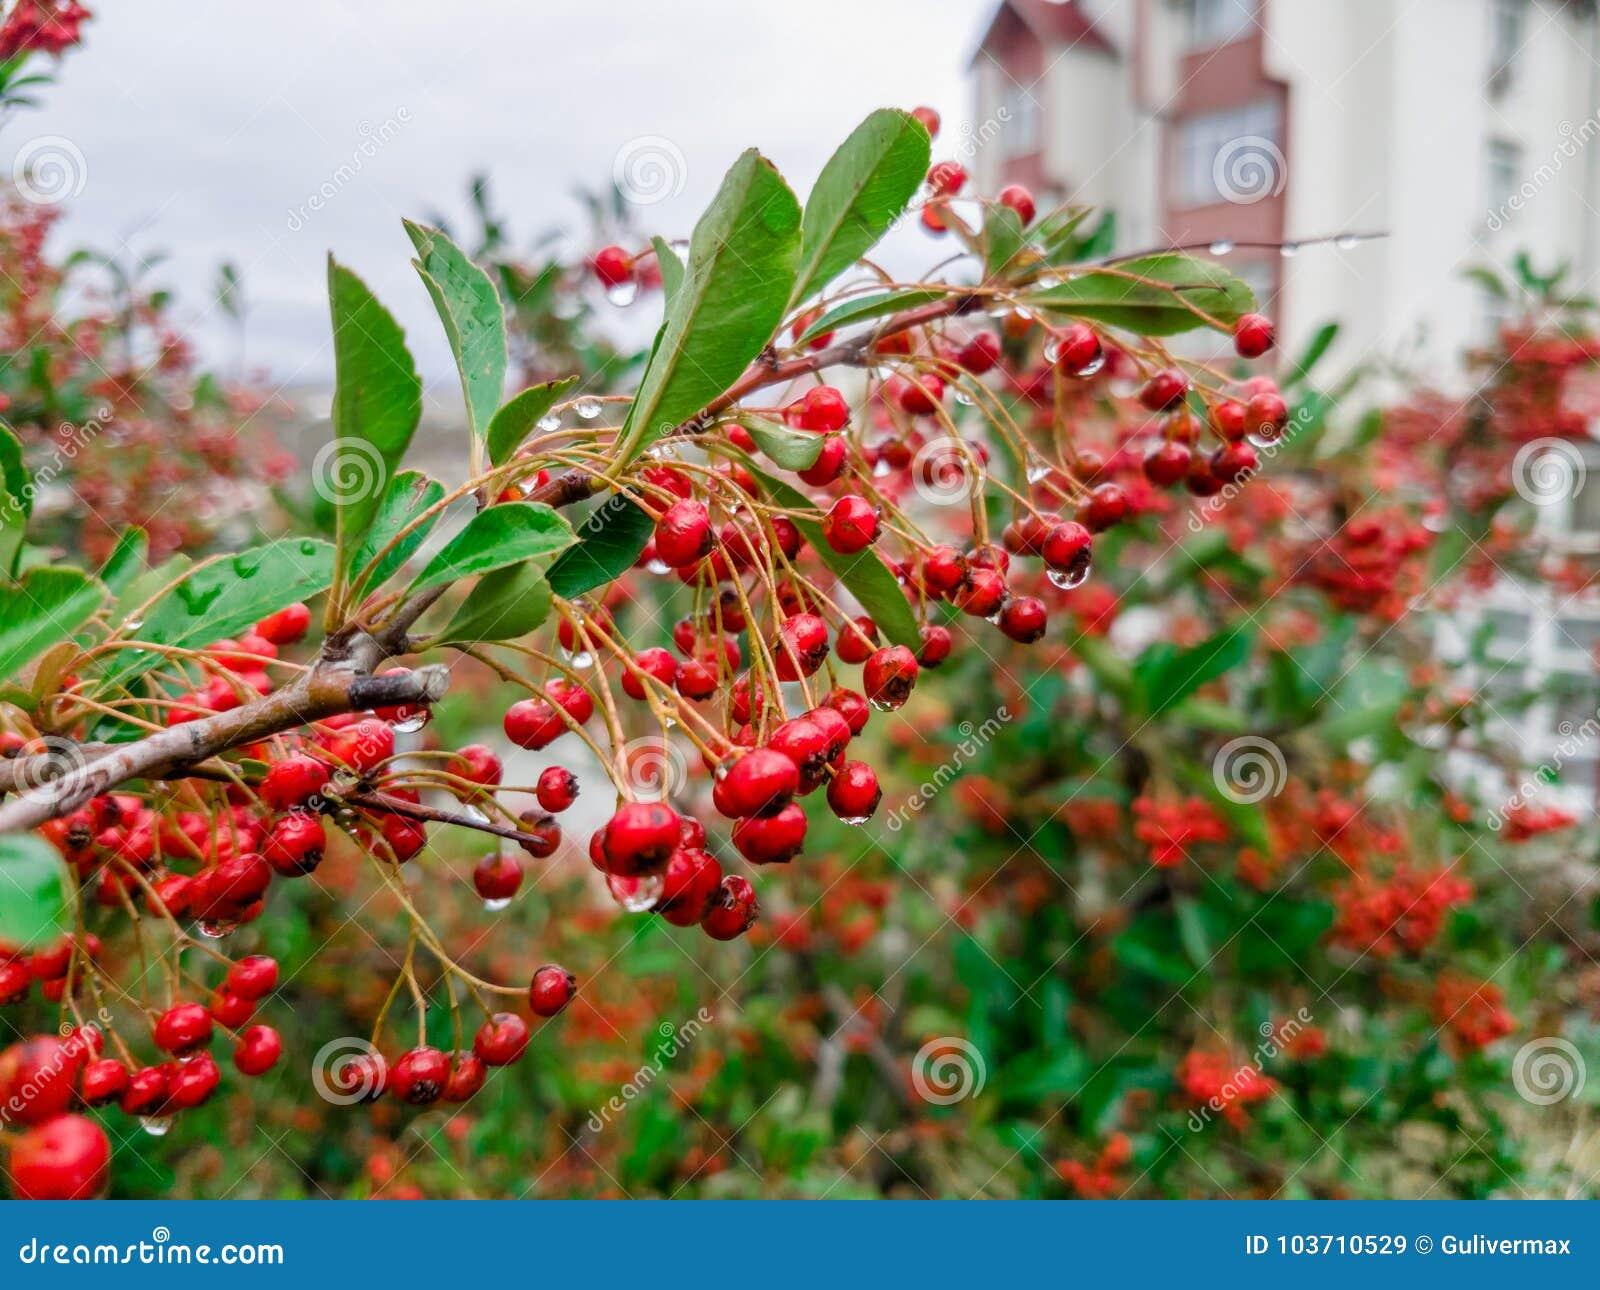 Pianta Ornamentale Con Bacche Rosse cespuglio ornamentale con le bacche rosse ed il fogliame